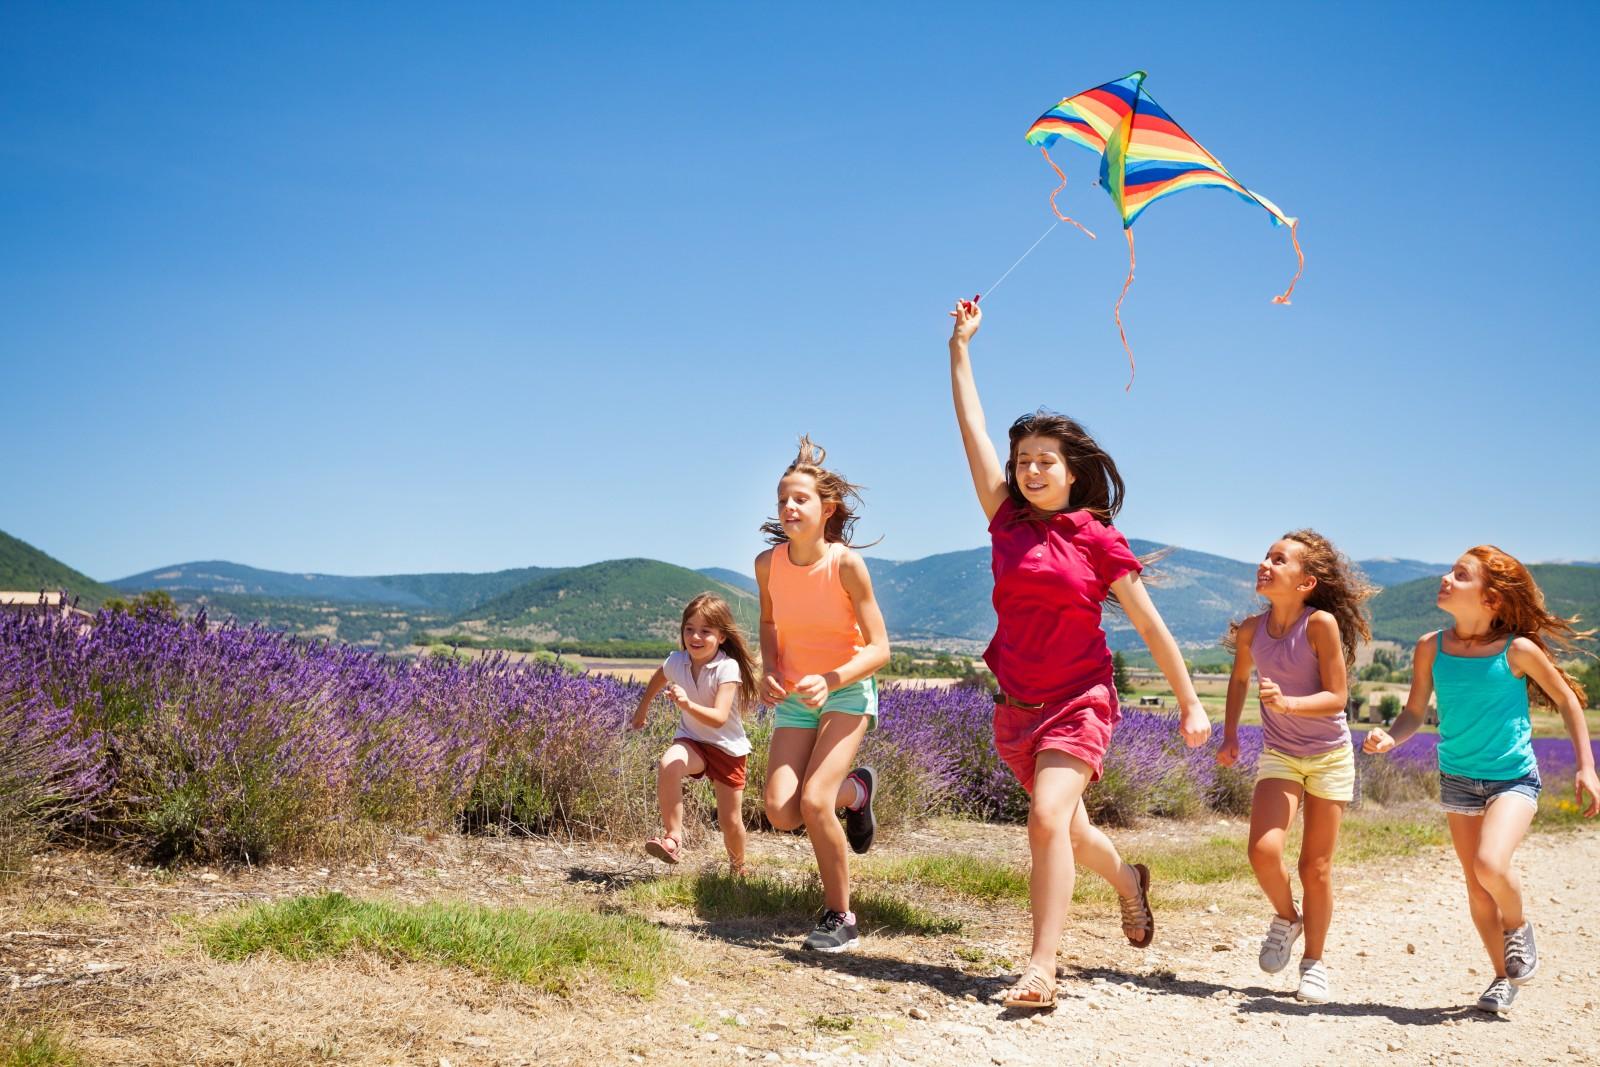 In der Provence lässt sich ein schöner Familienurlaub verbringen.